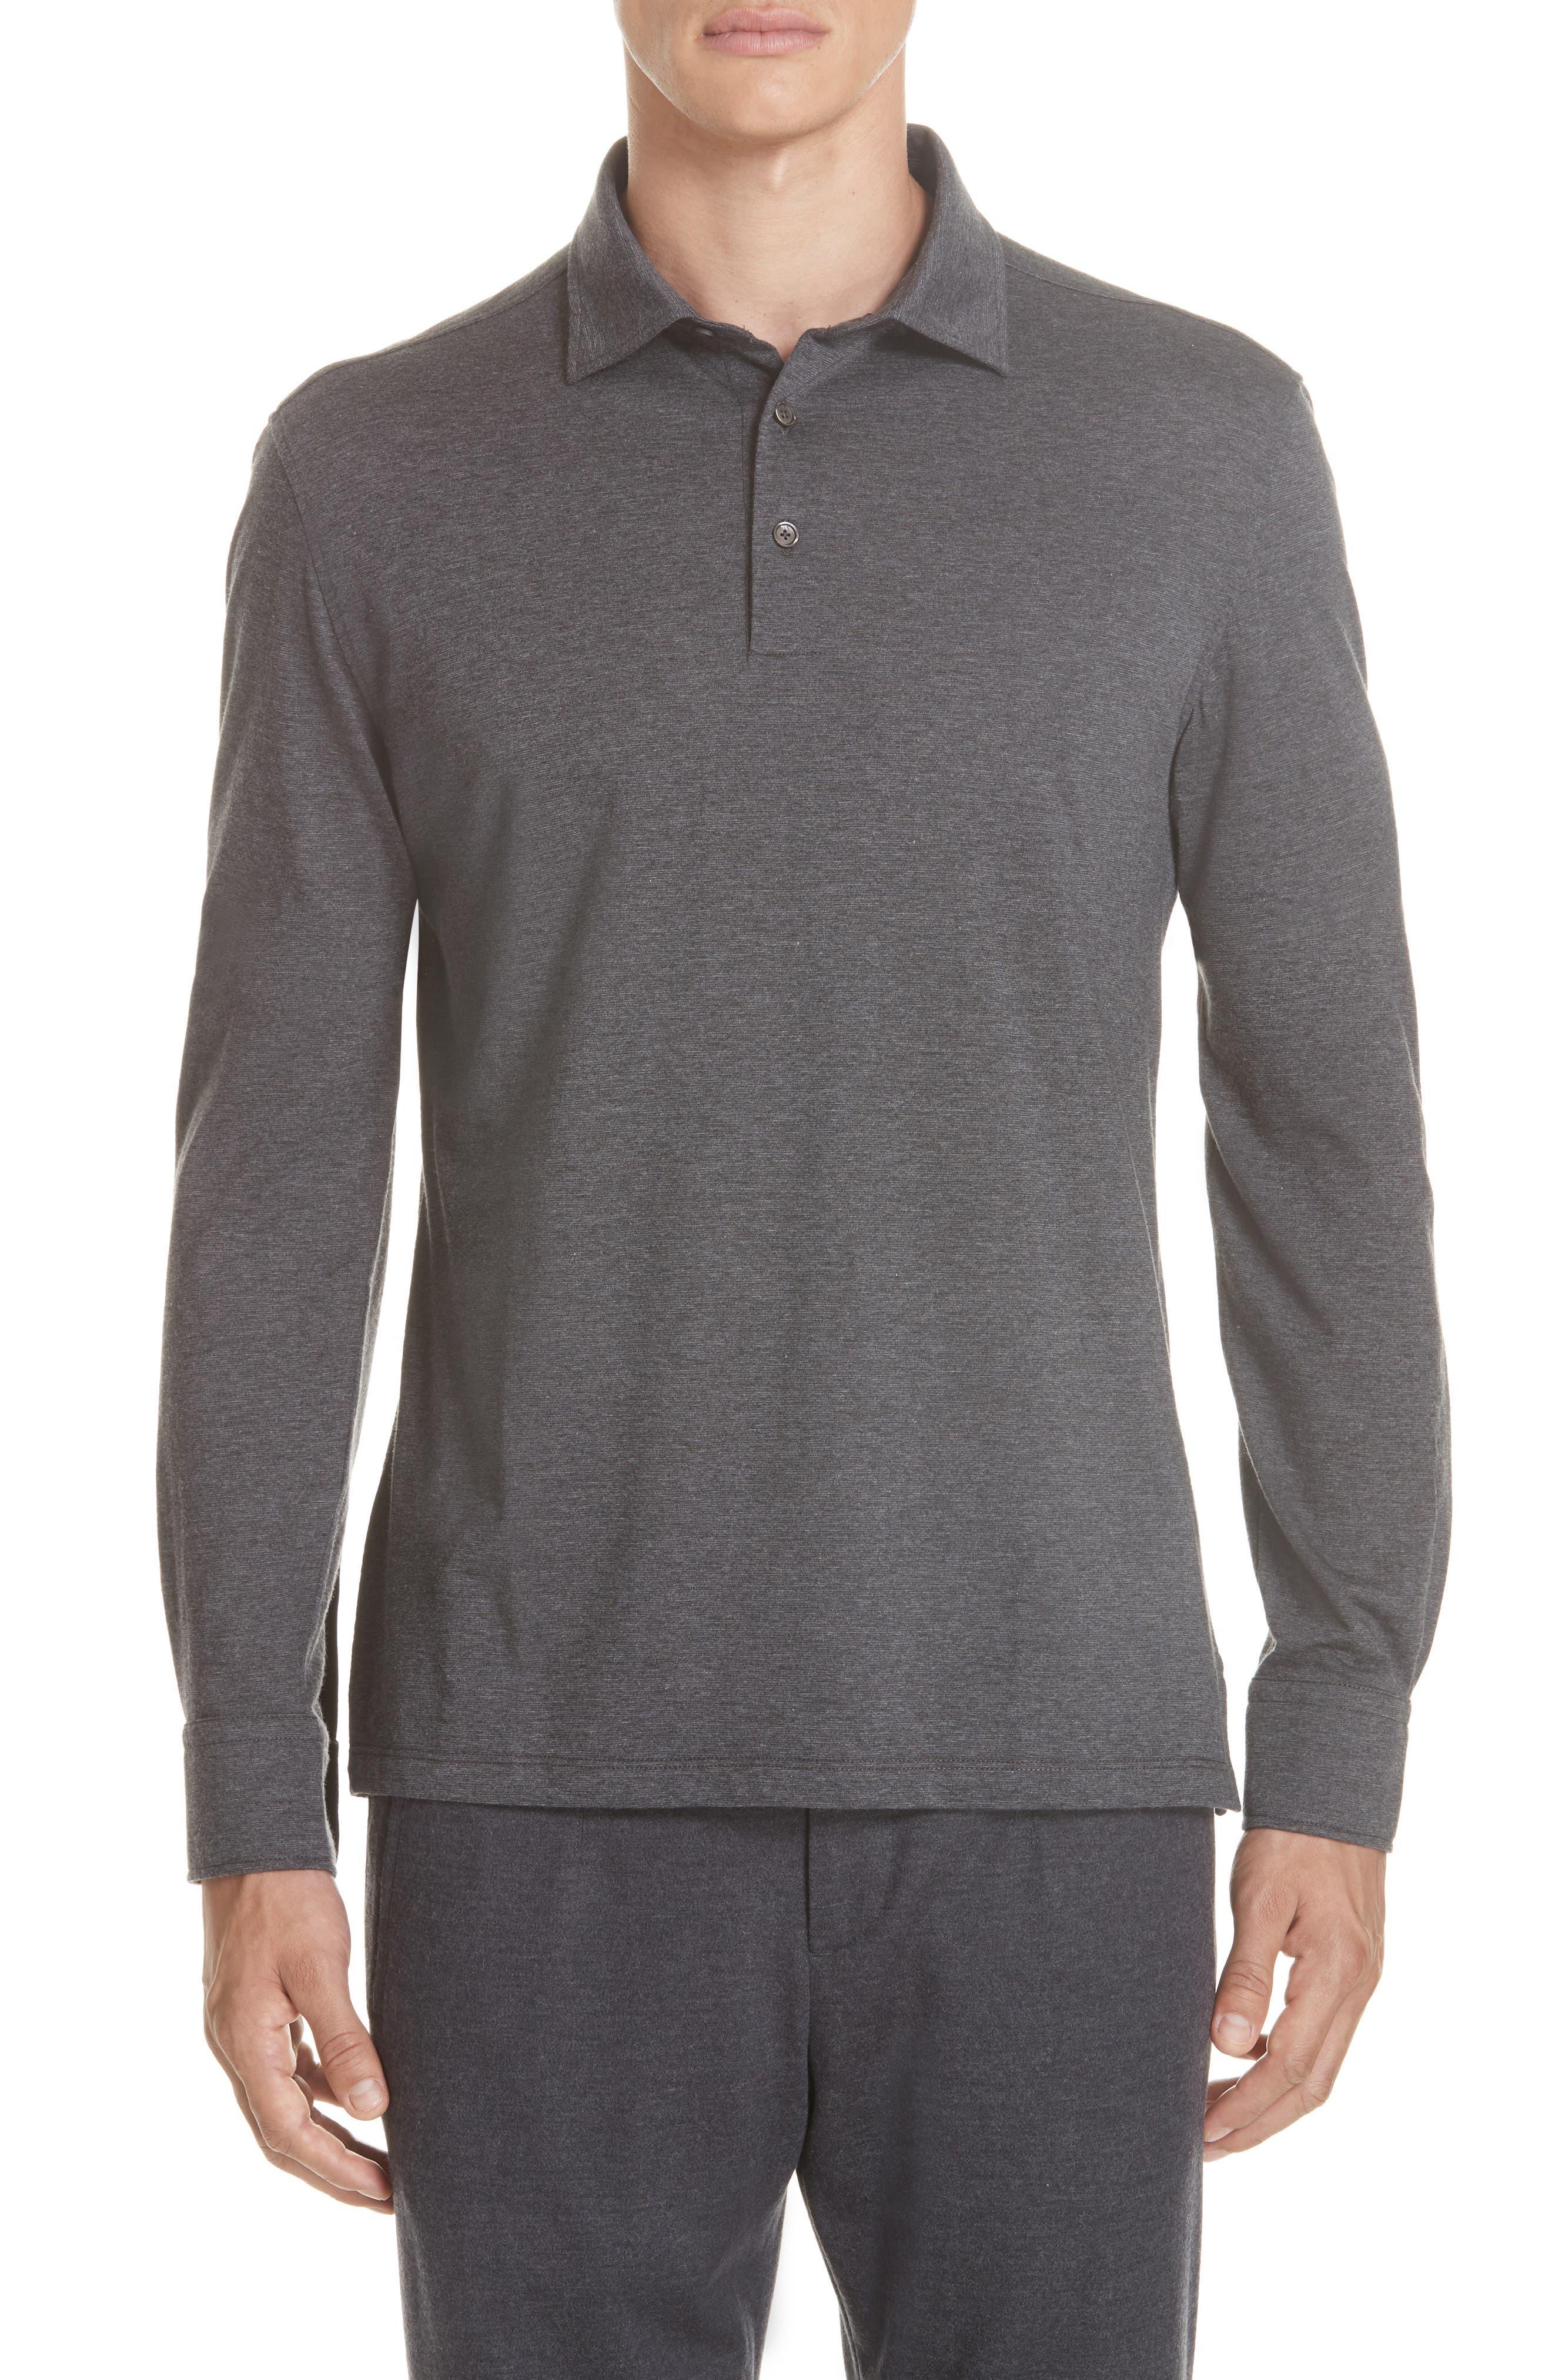 Wool & Cotton Long Sleeve Polo Shirt,                             Main thumbnail 1, color,                             CHARCOAL